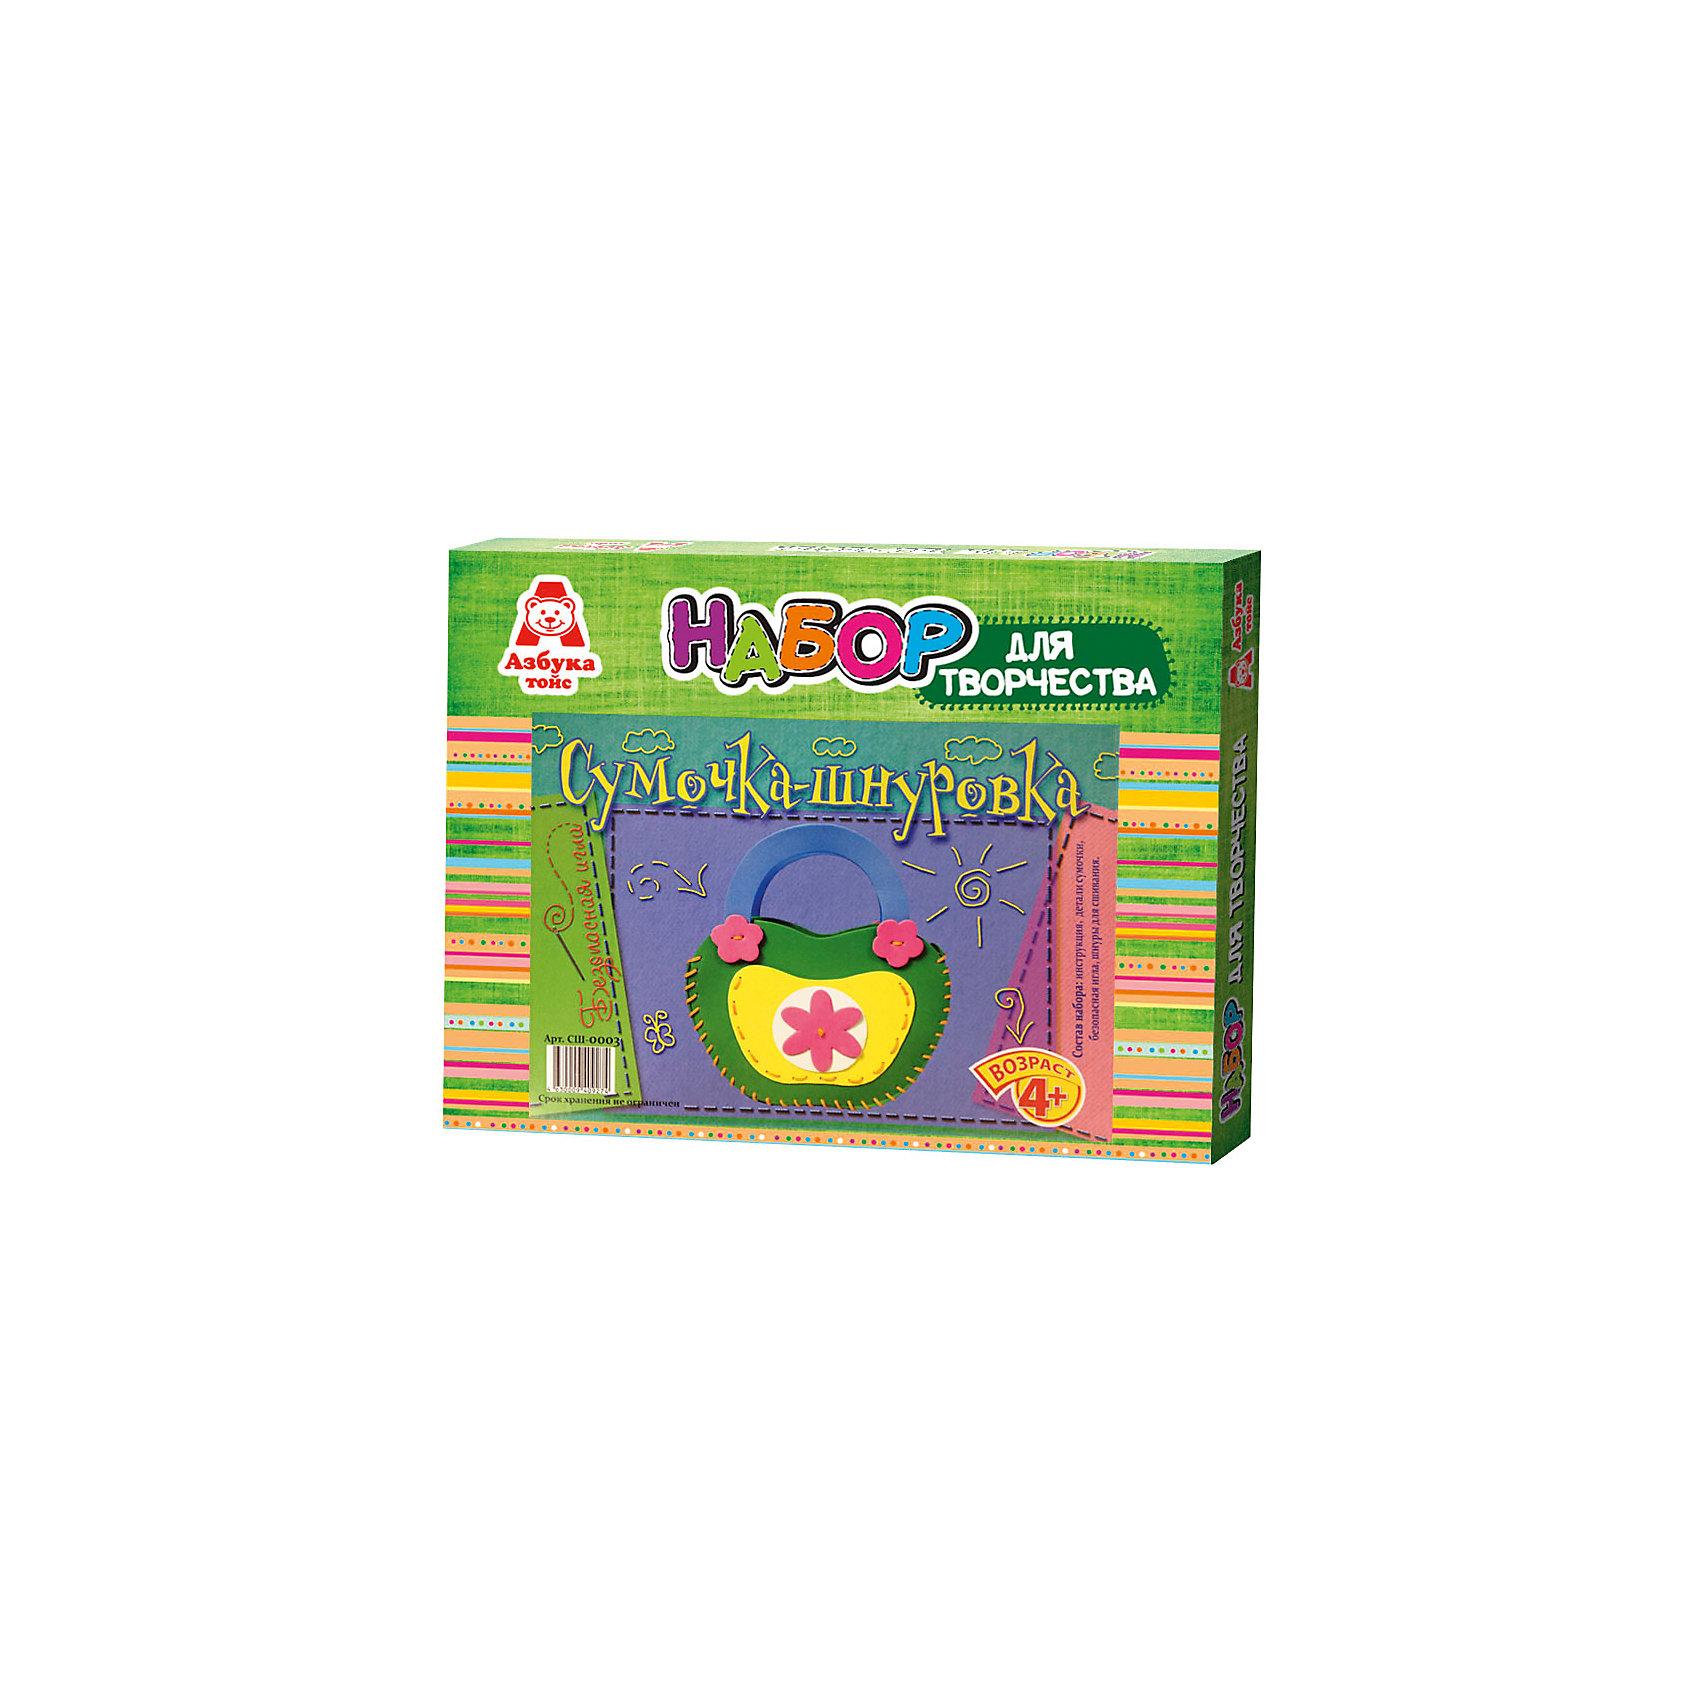 Сумочка-шнуровка зеленаяРукоделие<br>Характеристики товара:<br><br>• цвет: зеленый<br>• упаковка: коробка<br>• материал: текстиль<br>• возраст: 4+<br>• масса: 115 г<br>• габариты: 280х30х210 мм<br>• комплектация: детали сумки, безопасная игла, шнуры для сшивания<br>• страна бренда: РФ<br>• страна изготовитель: РФ<br><br>Творчество – неотъемлемая часть жизни малыша. Разнообразие занятий развивает всевозможные стороны маленького человека. Так, шнуровка отлично улучшает усидчивость, внимательность, способность к концентрации и мелкую моторику ребенка. Сделать сумочку с помощью такого набора под силу даже малышам!<br>Набор станет отличным подарком ребенку, так как он сможет сам сделать красивую вещь для себя или в качестве подарка близким! Материалы, использованные при изготовлении товара, сертифицированы и отвечают всем международным требованиям по качеству. <br><br>Сумочку-шнуровку зеленую от бренда Азбука Тойс можно приобрести в нашем интернет-магазине.<br><br>Ширина мм: 280<br>Глубина мм: 30<br>Высота мм: 210<br>Вес г: 115<br>Возраст от месяцев: 48<br>Возраст до месяцев: 96<br>Пол: Женский<br>Возраст: Детский<br>SKU: 5062904